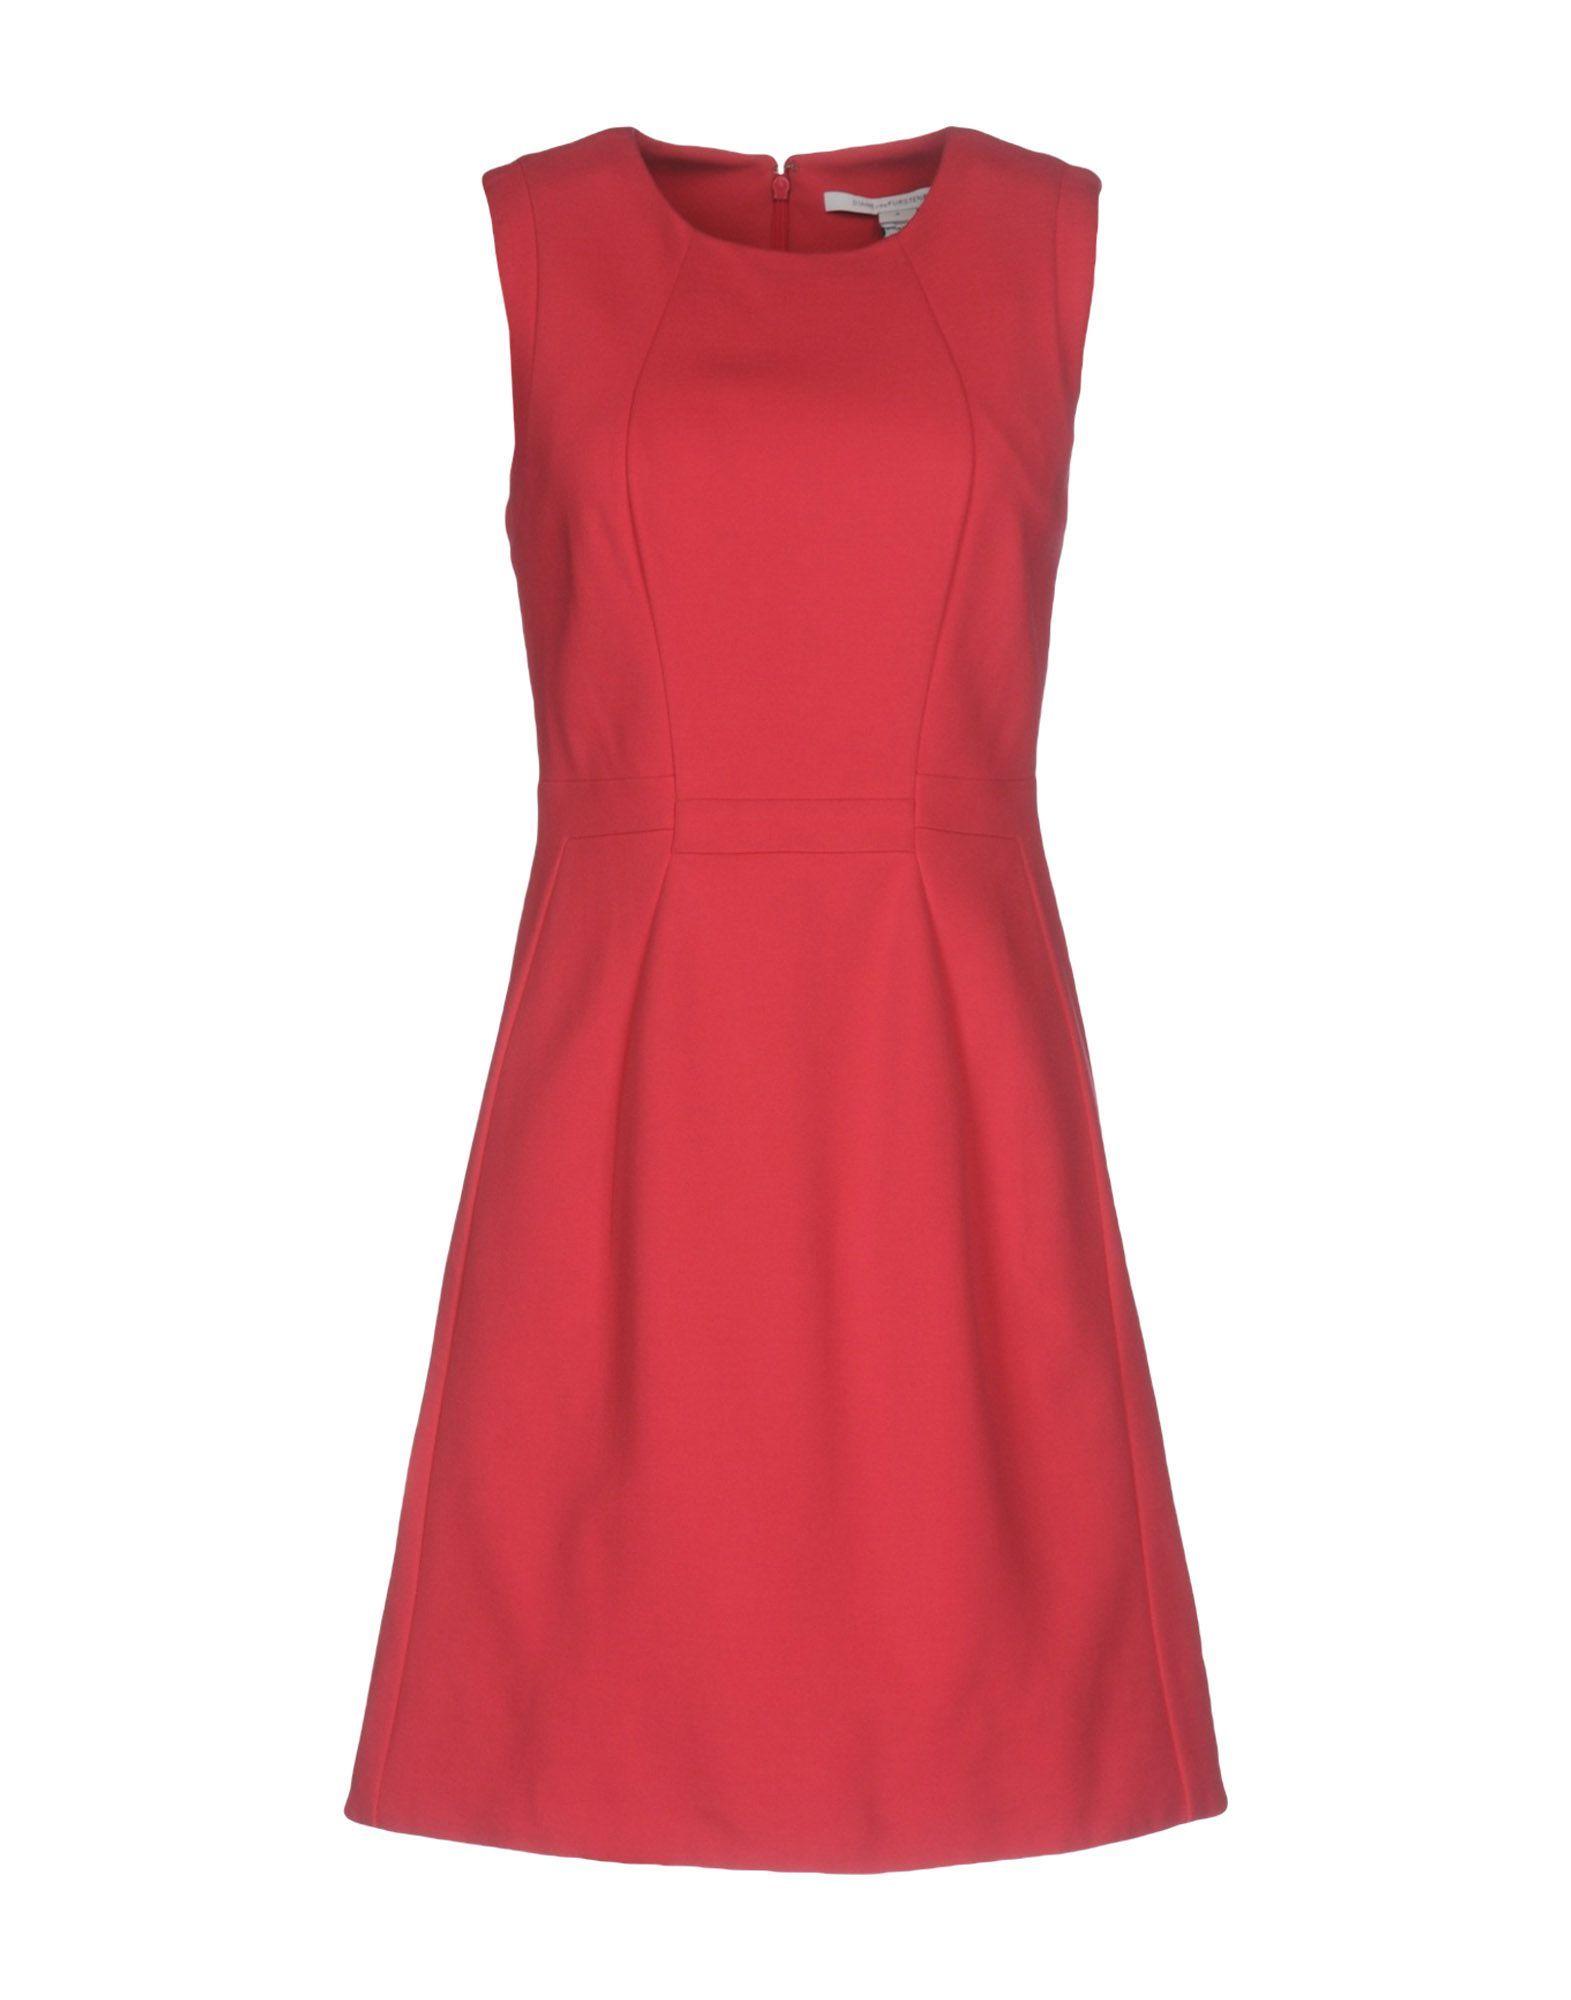 Diane Von Furstenberg Fuchsia Sleeveless Dress